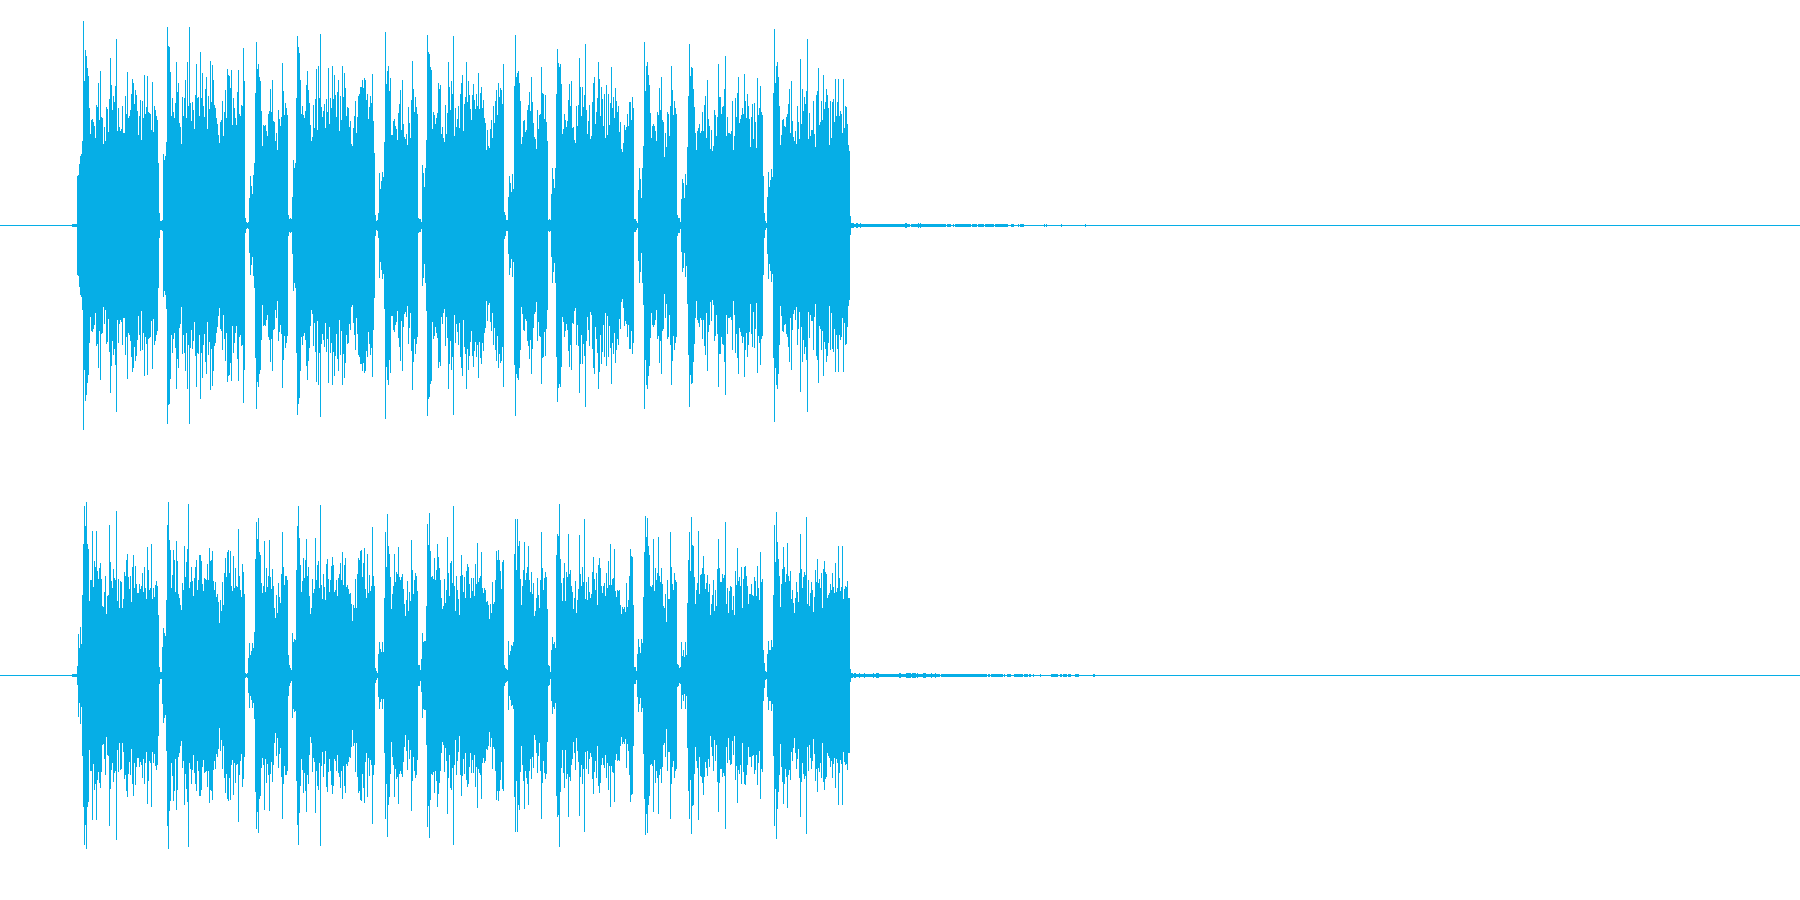 ガザガザガザ(機械的な効果音)の再生済みの波形